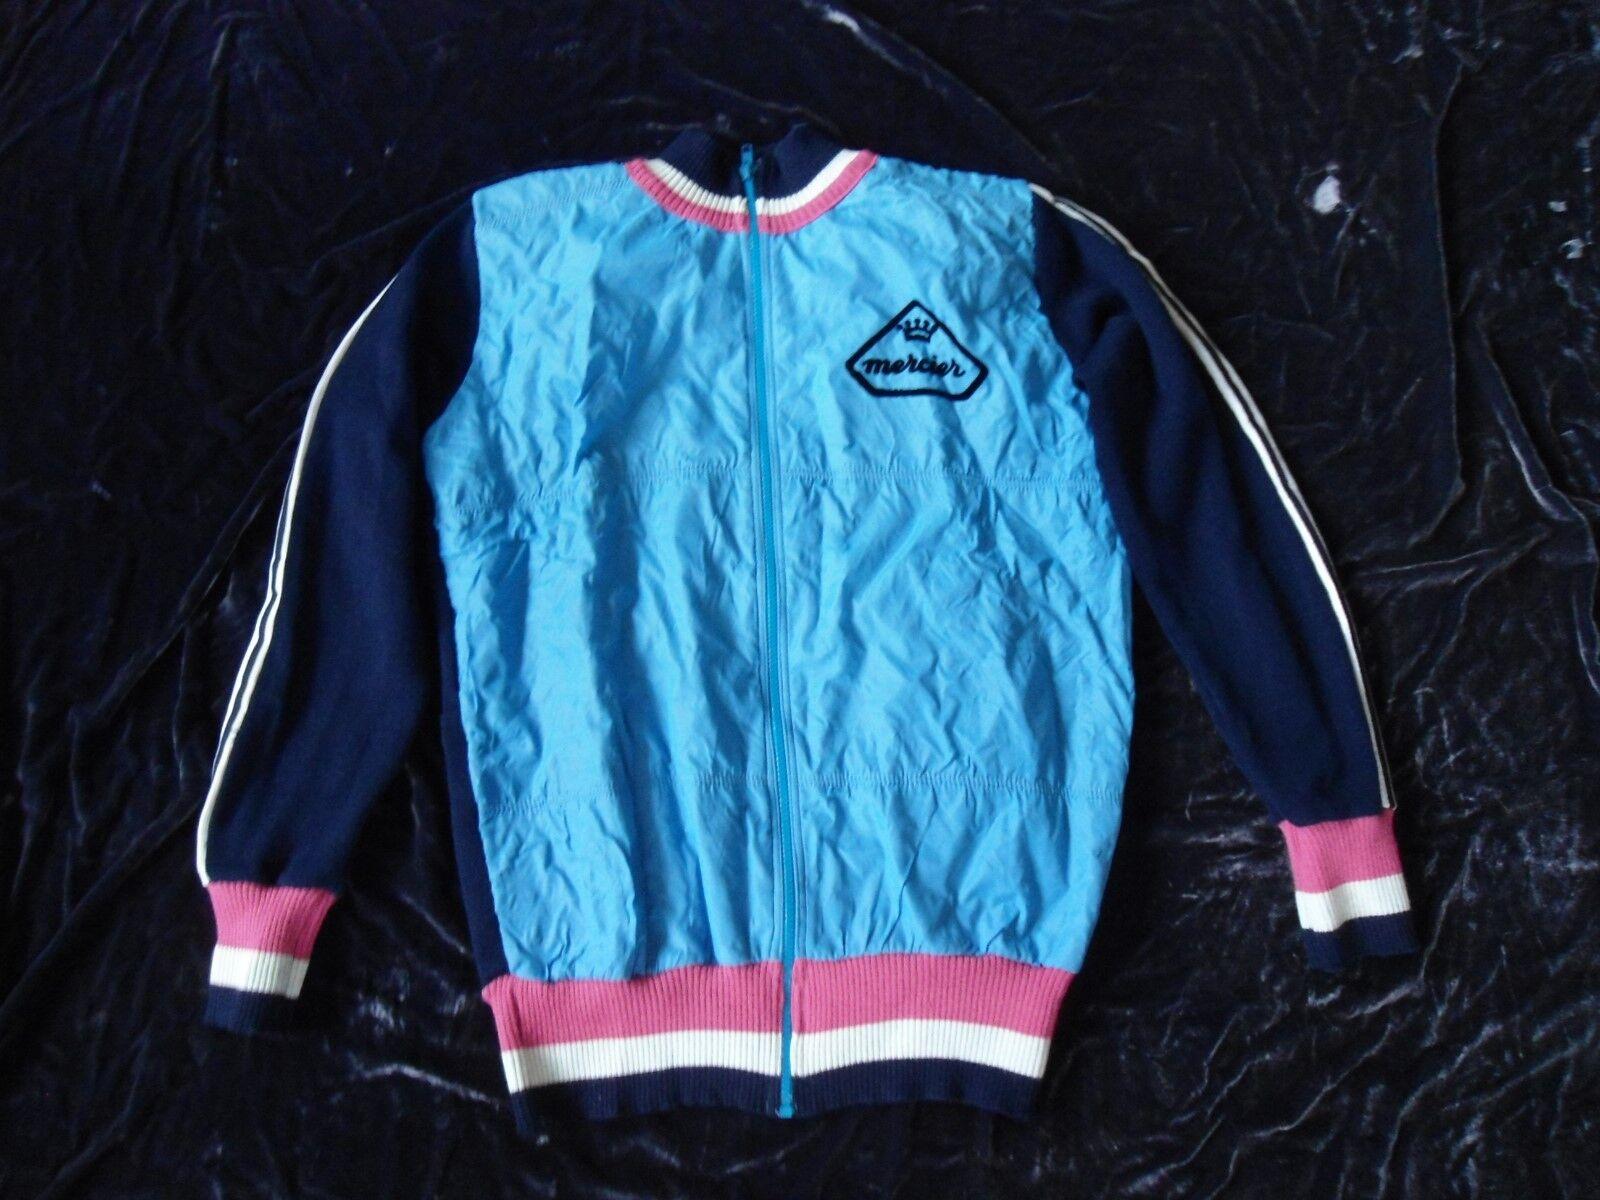 Mercer, bici retro, chaqueta de invierno, muy buena calidad.